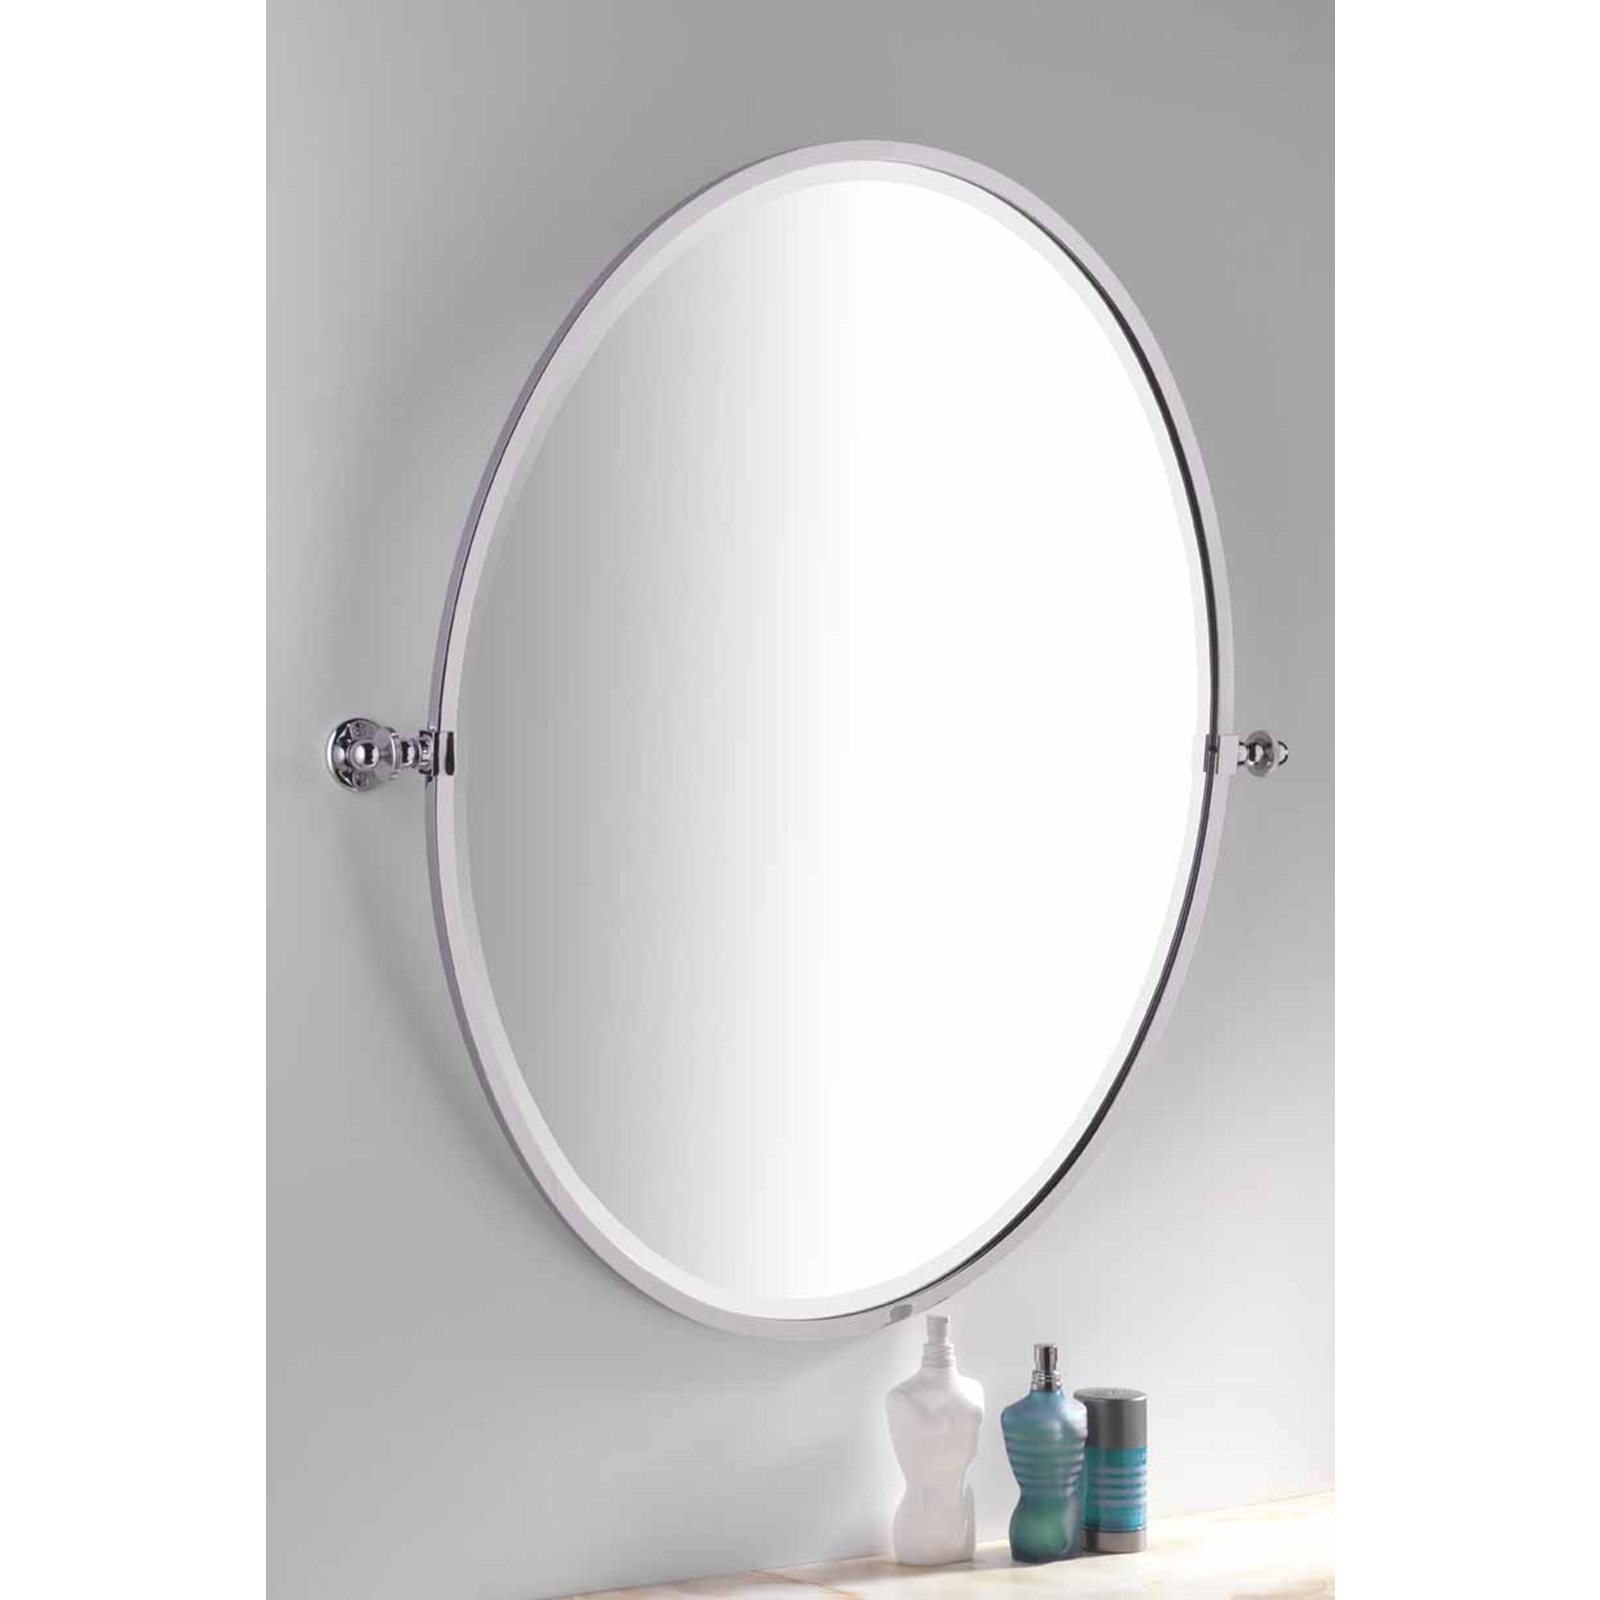 Handmade Bathroom Oval Framed Tilting Mirror